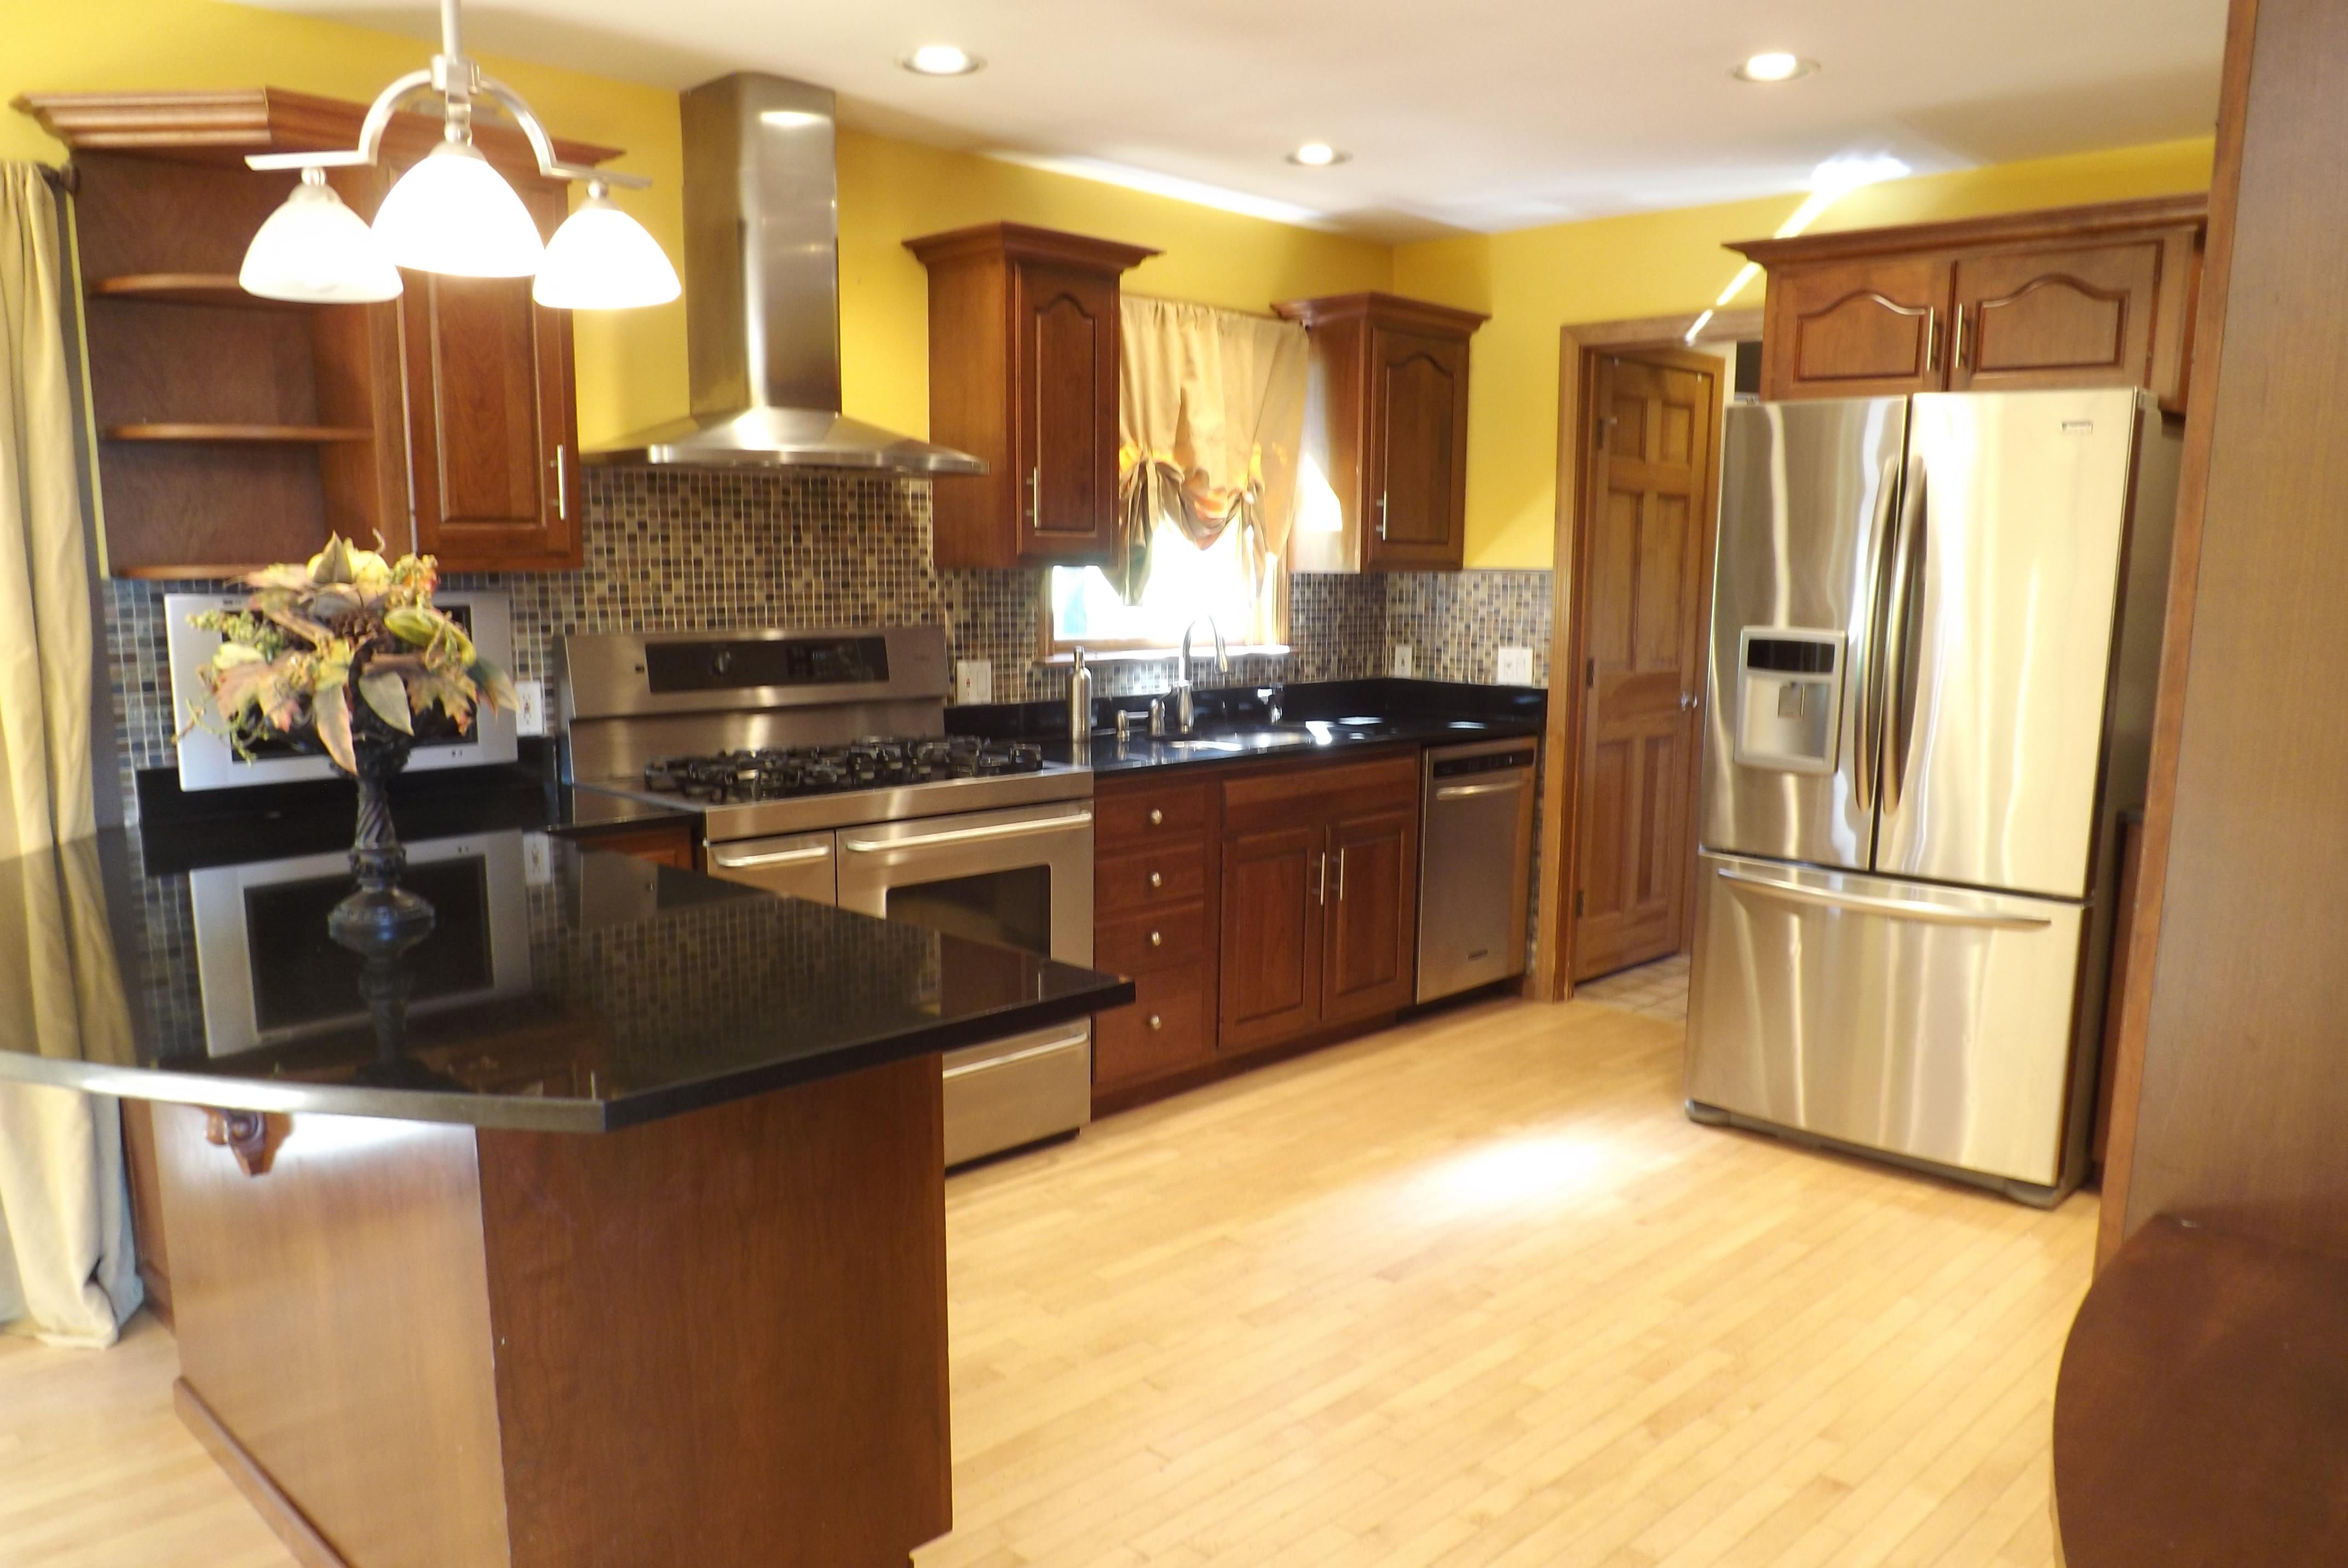 Maison unifamiliale pour l Vente à 111 Dodge Rd, Plainfield Plainfield, New Hampshire 03781 États-Unis